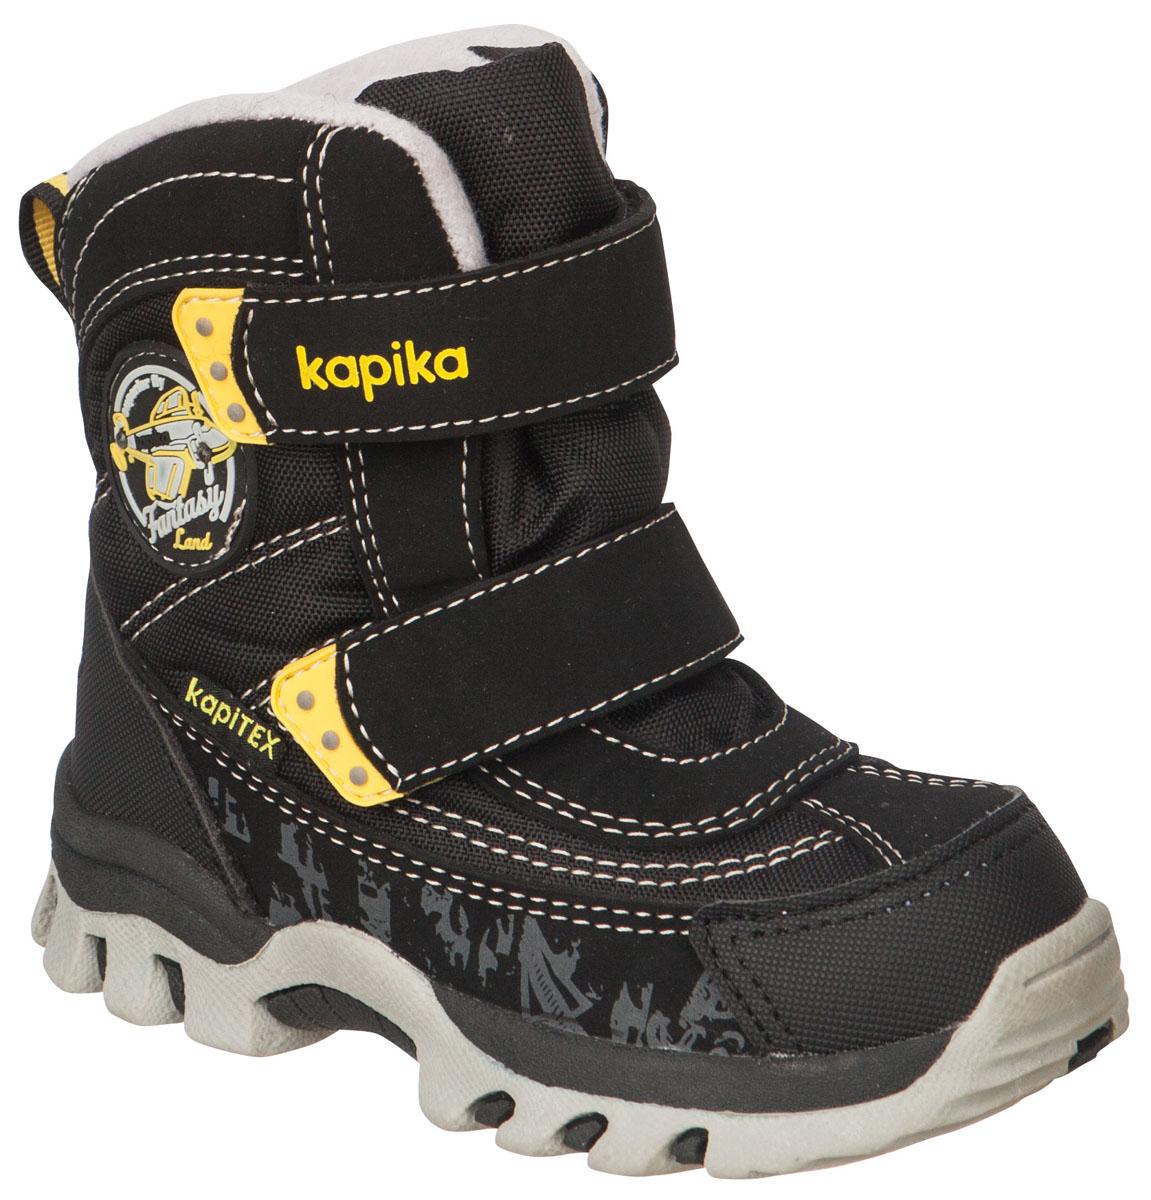 41175-1Легкие, удобные и теплые ботинки от Kapika выполнены из мембранных материалов и искусственной кожи. Два ремешка на застежках-липучках надежно фиксируют изделие на ноге. Мягкая подкладка и стелька из шерсти обеспечивают тепло, циркуляцию воздуха и сохраняют комфортный микроклимат в обуви. Подошва с протектором гарантирует идеальное сцепление с любыми поверхностями. Идеальная зимняя обувь для активных детей.